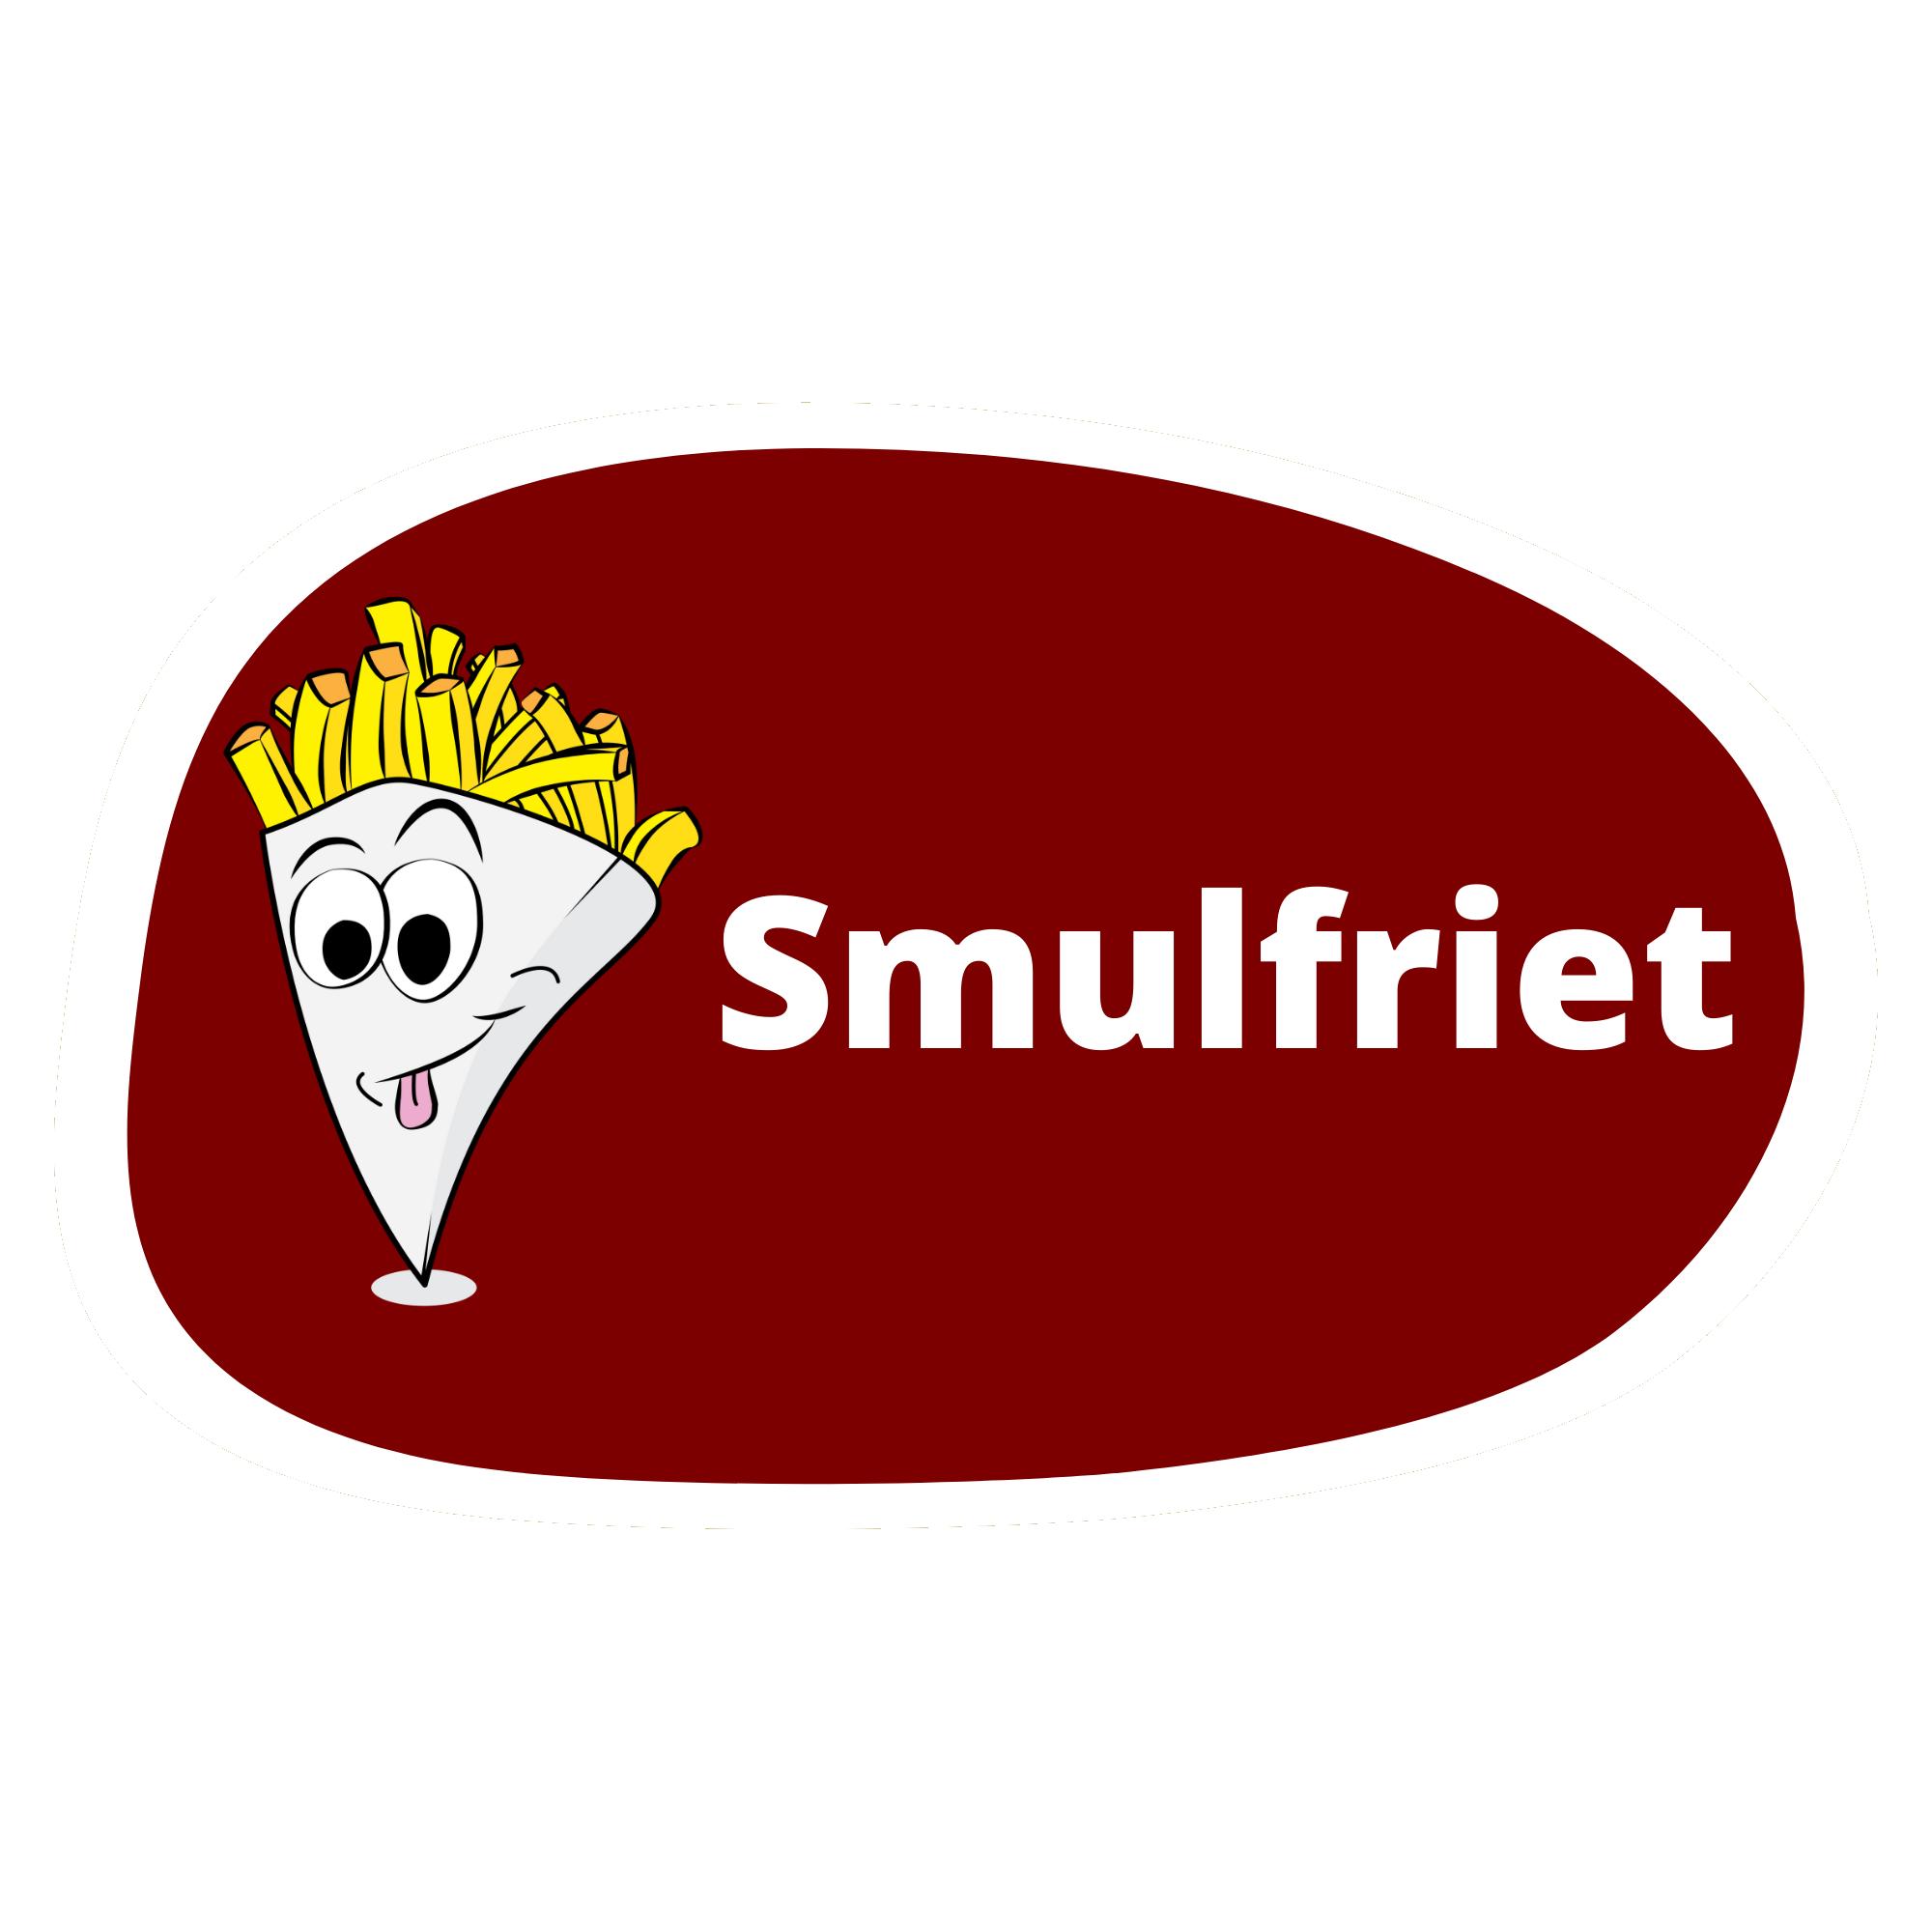 Smulfriet | Frietwagens